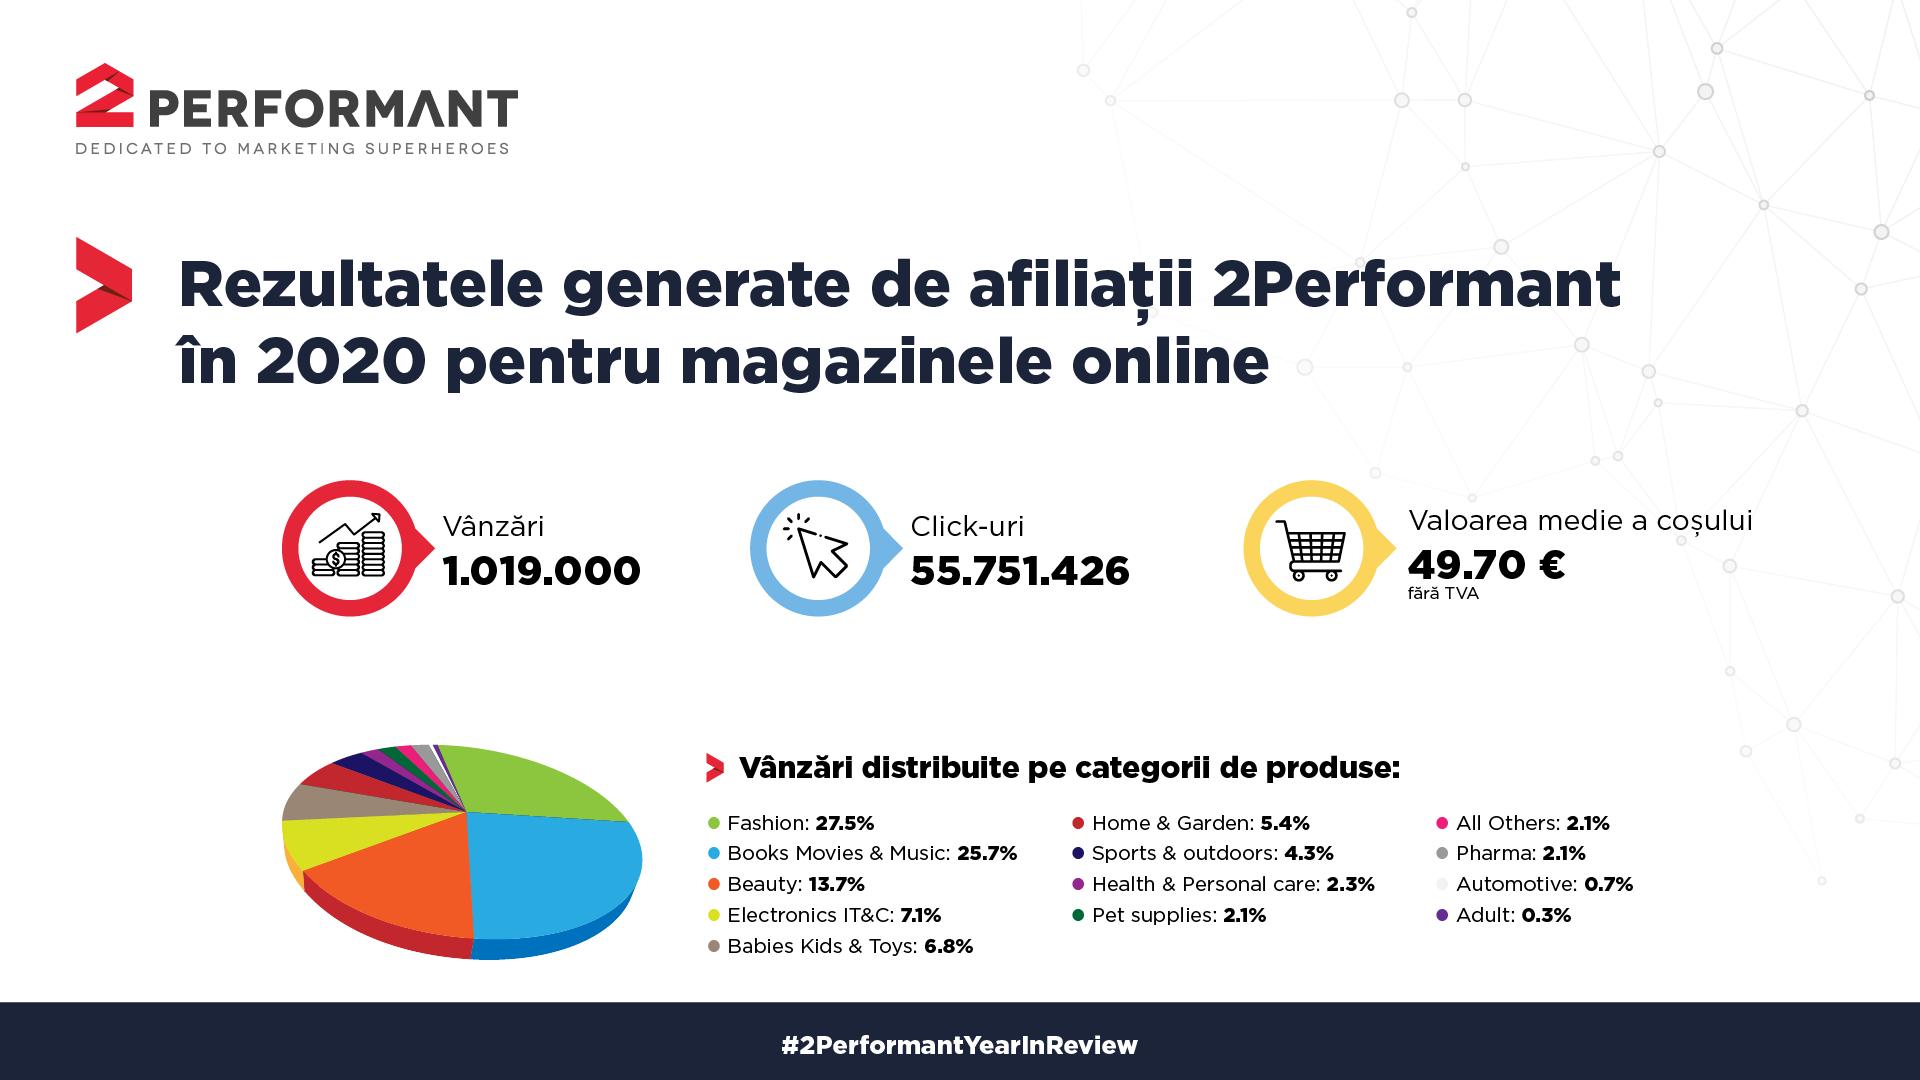 Peste un milion de vânzări şi mai mult de 55 milioane de click-uri înregistrate de magazinele online, în 2020